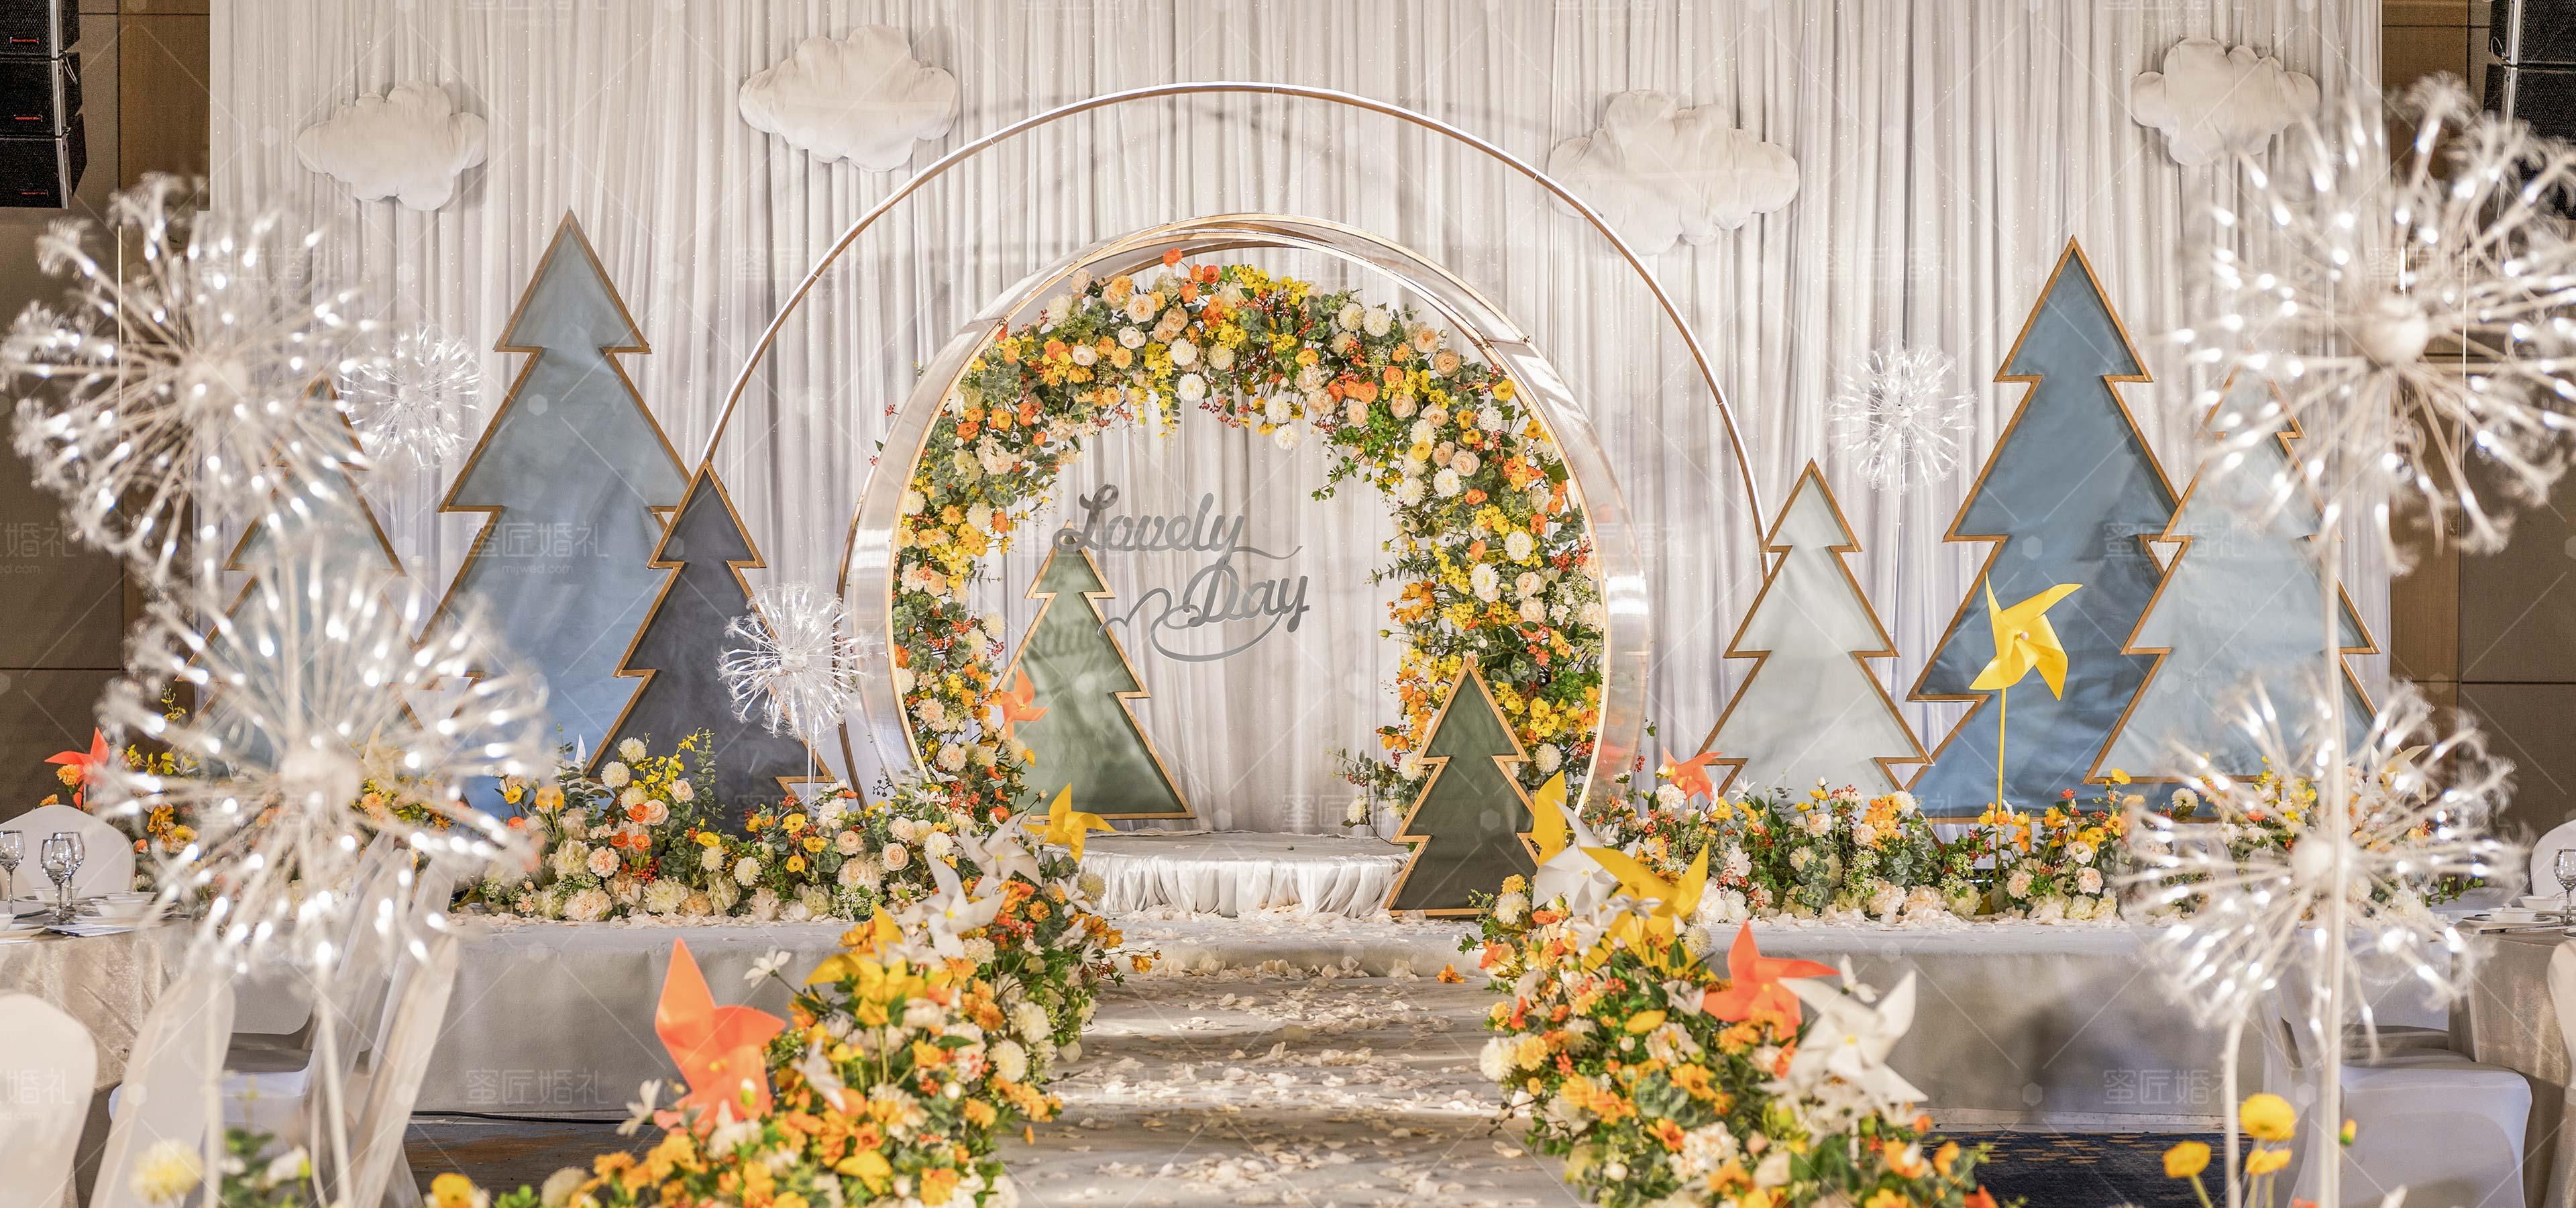 常山县婚礼策划方案:如风1